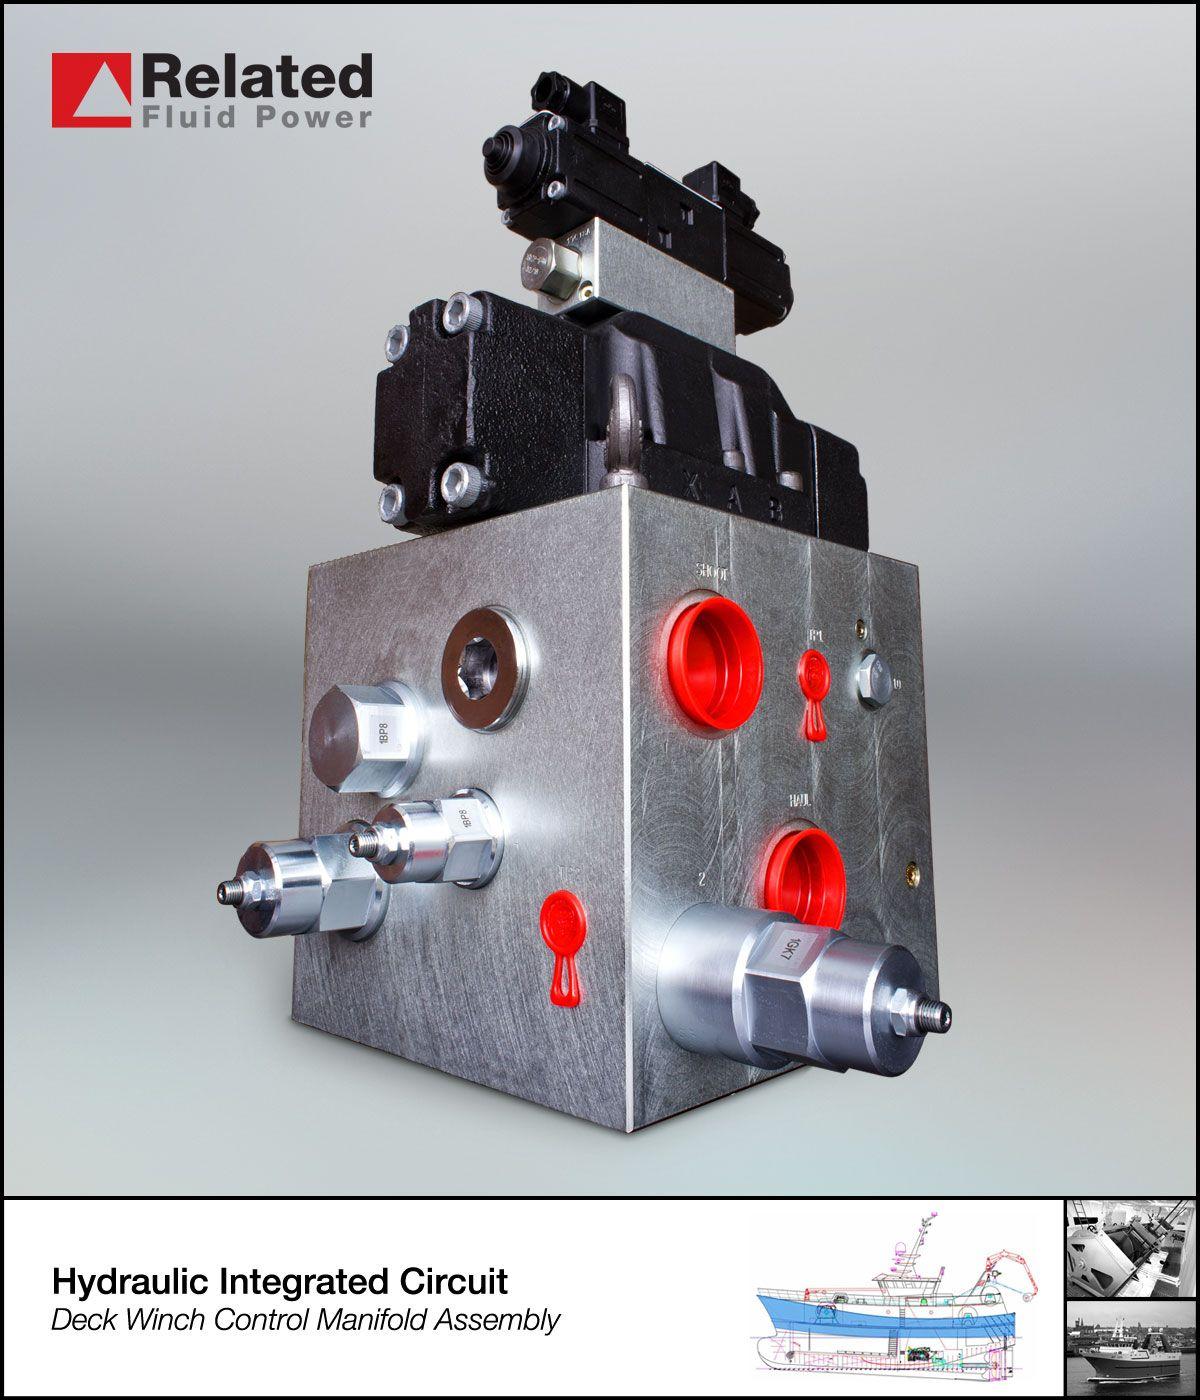 Custom Hydraulic Manifold Assembly Used To Control A Marine Deck Winch Hydraulic Systems Hydraulic System